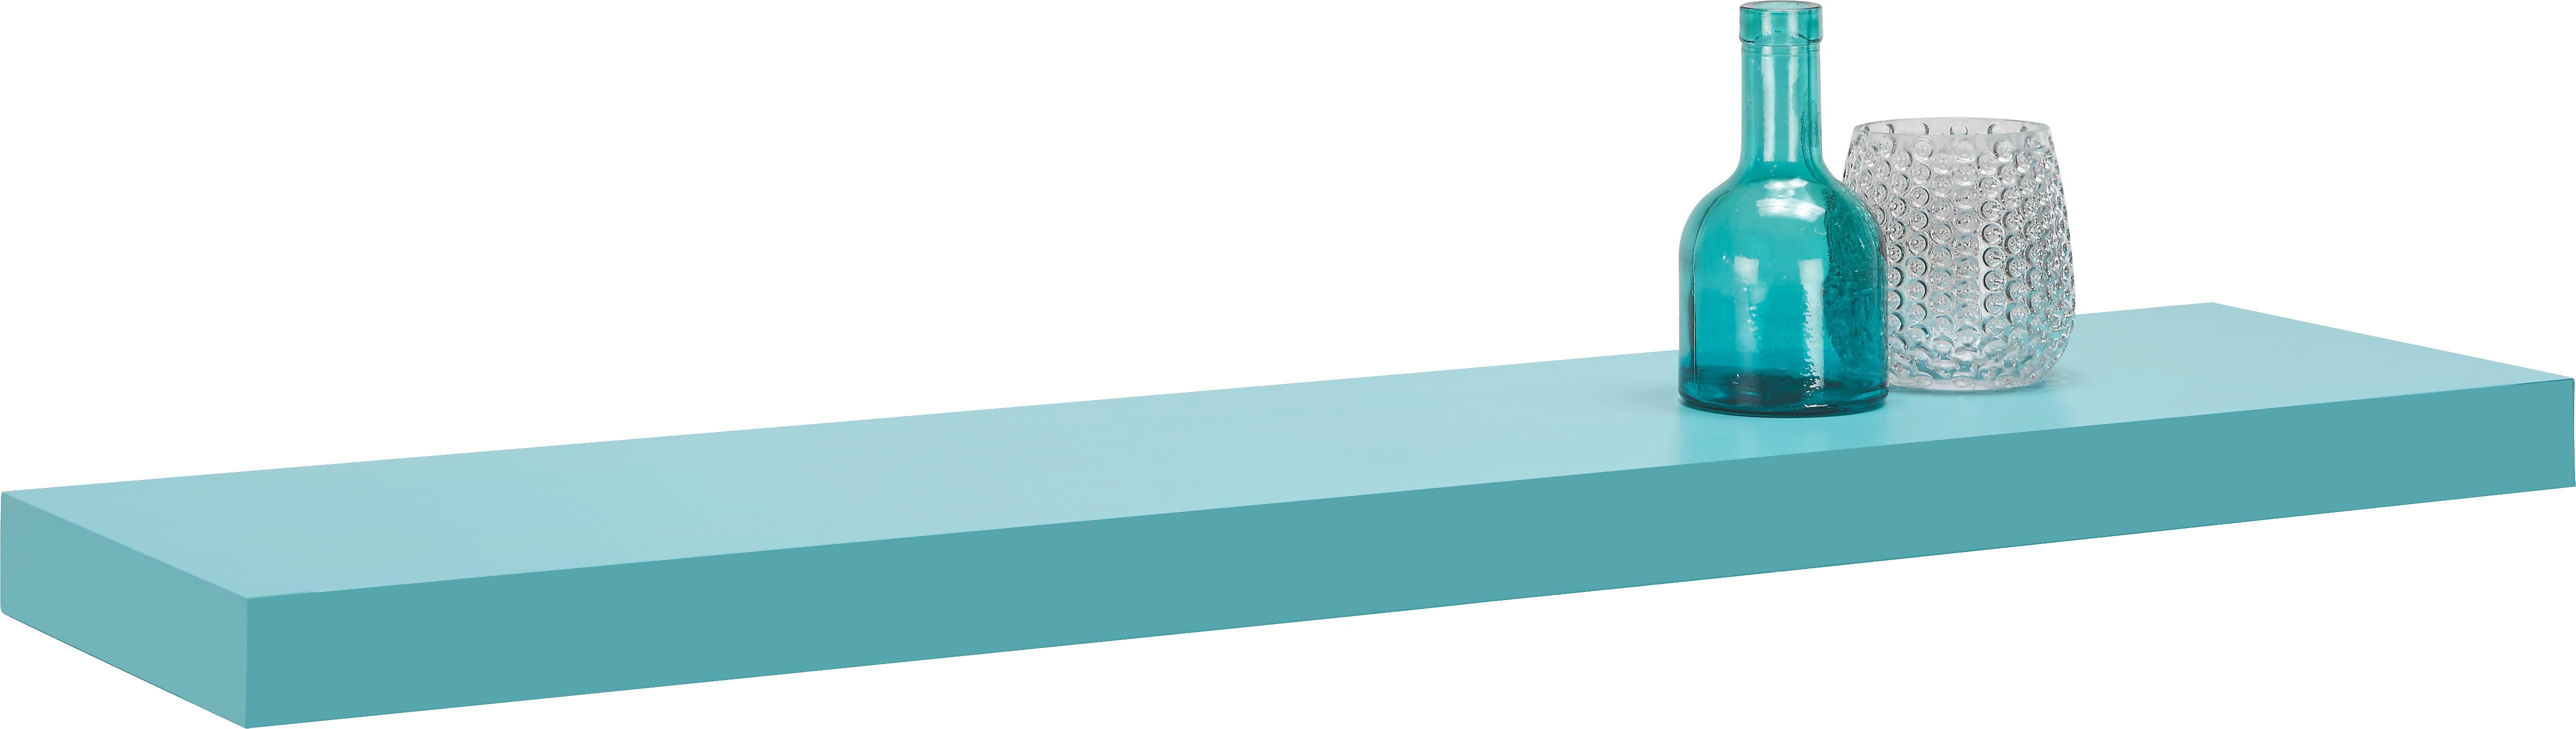 Falipolc Anja Mare - világos kék, faanyagok (100/4,4/24cm)